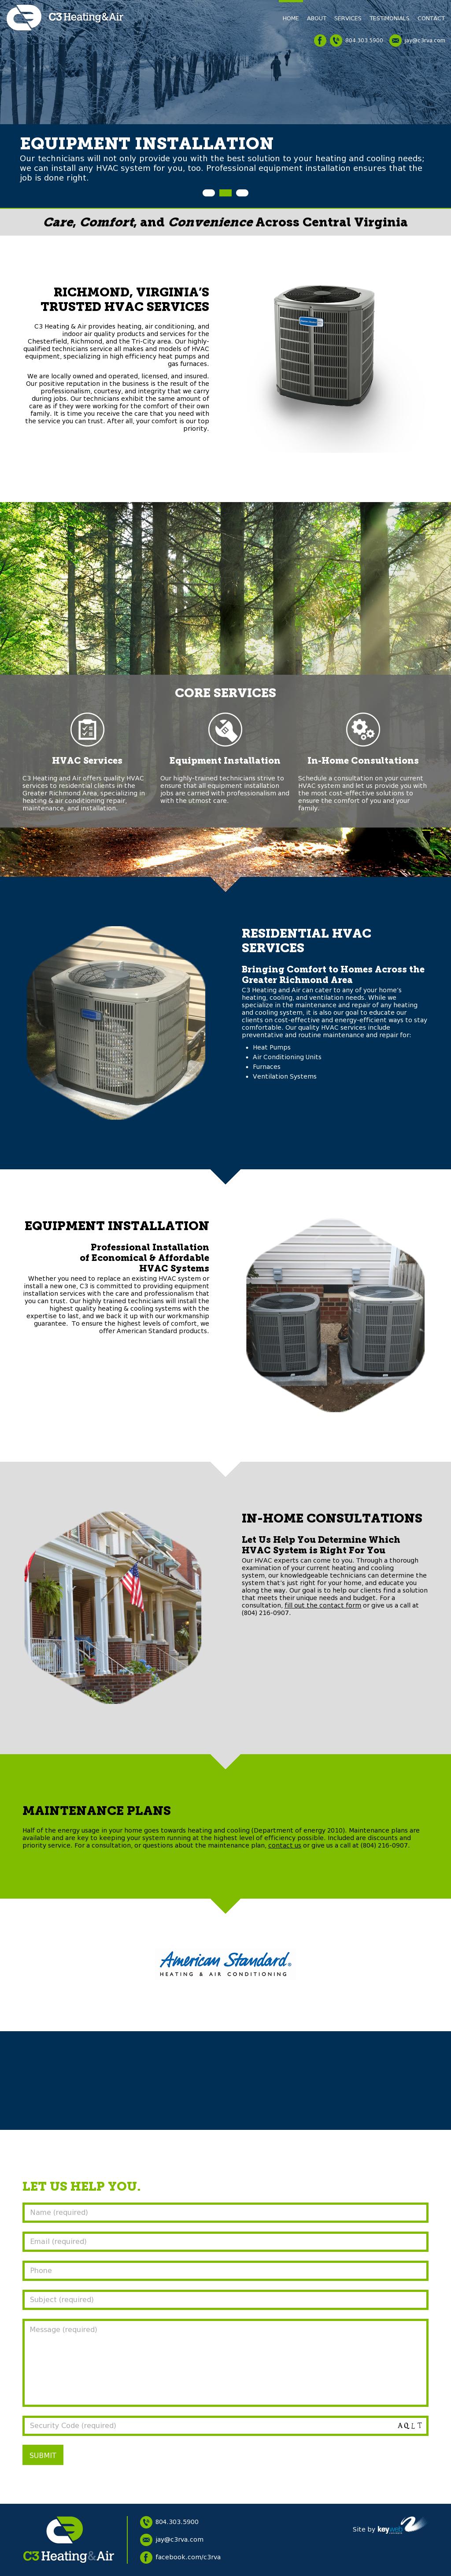 C3 Heating Air Compeors Revenue